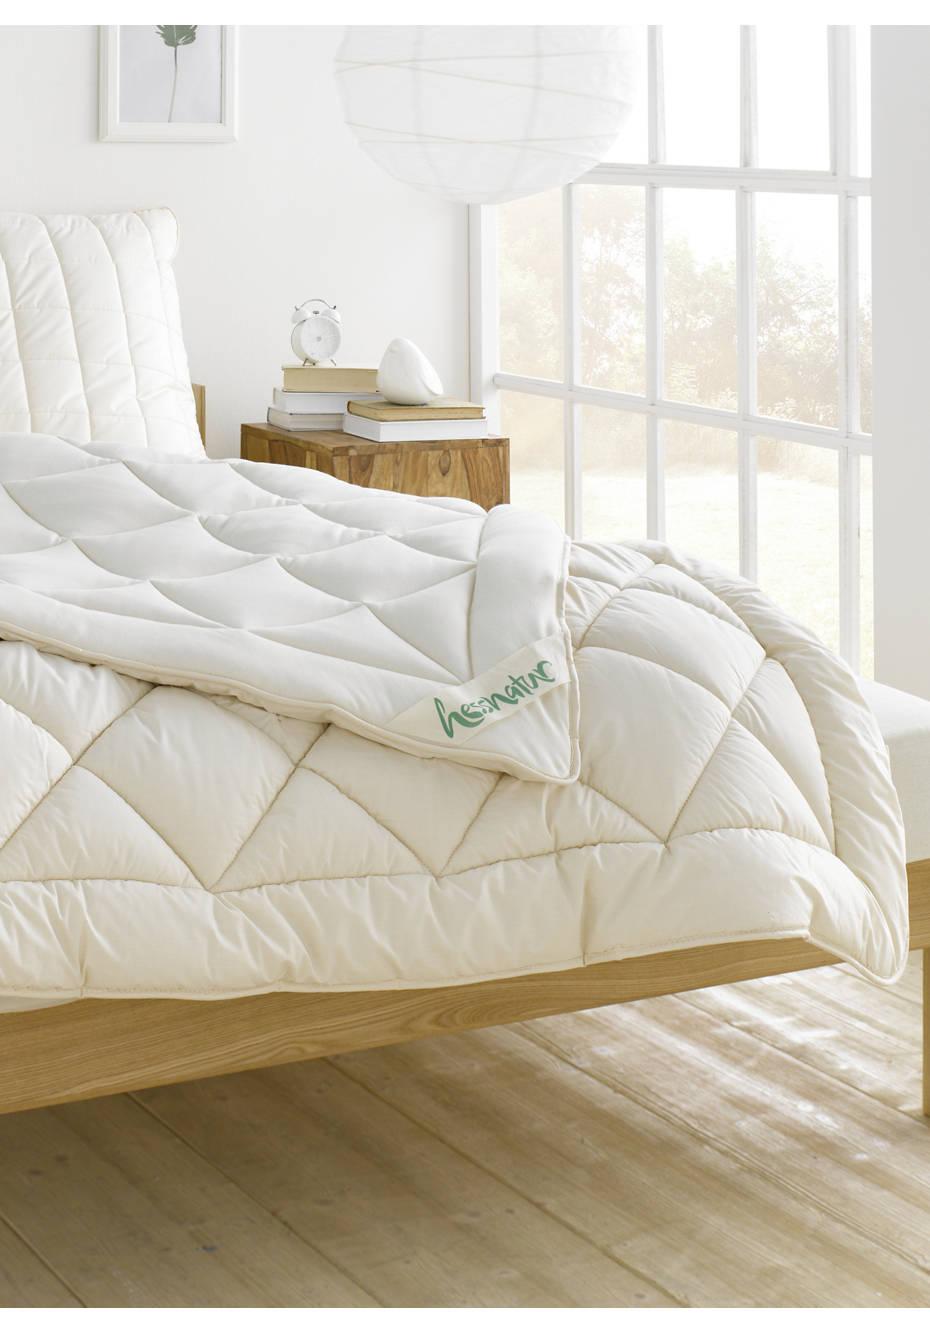 Duo-Bettdecke Bio-Schurwolle zum Wenden